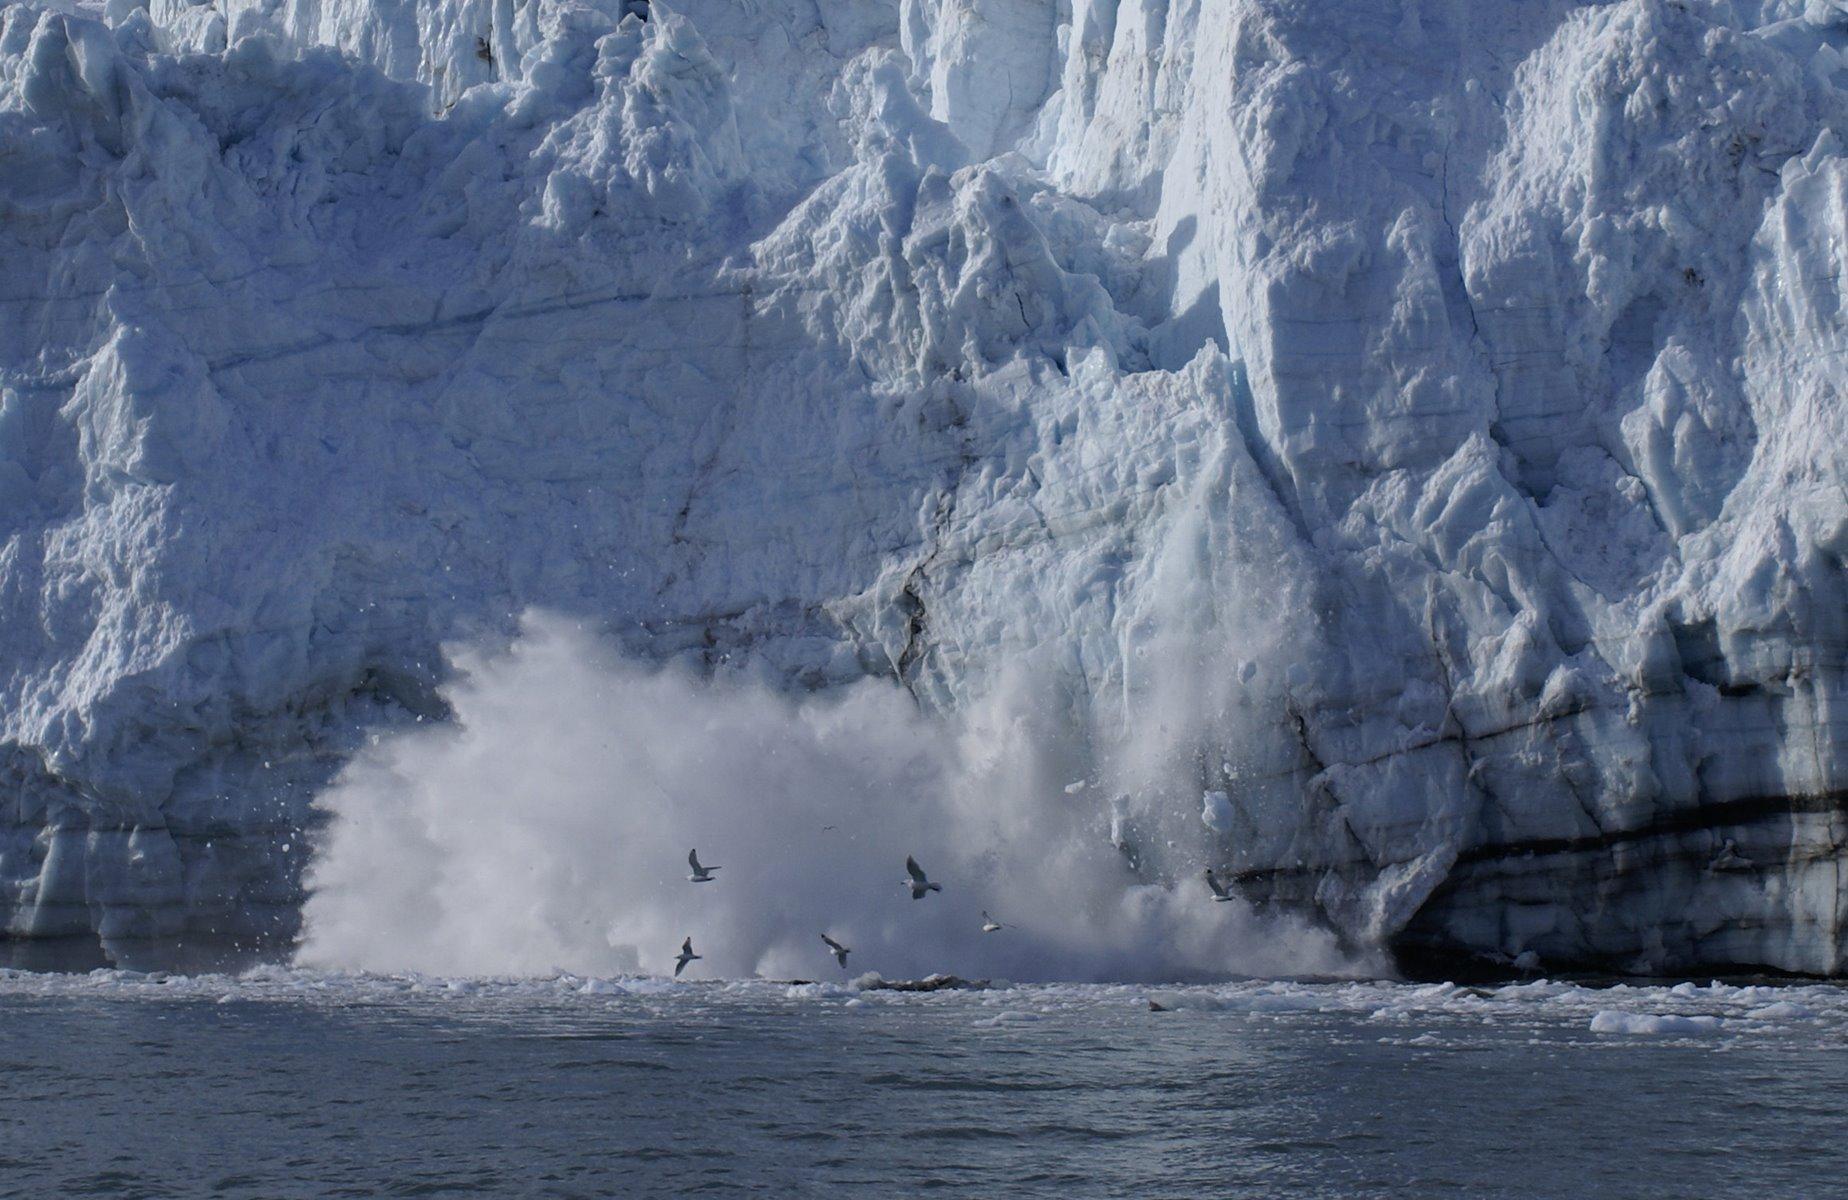 Calving glacier sequence, photo 7